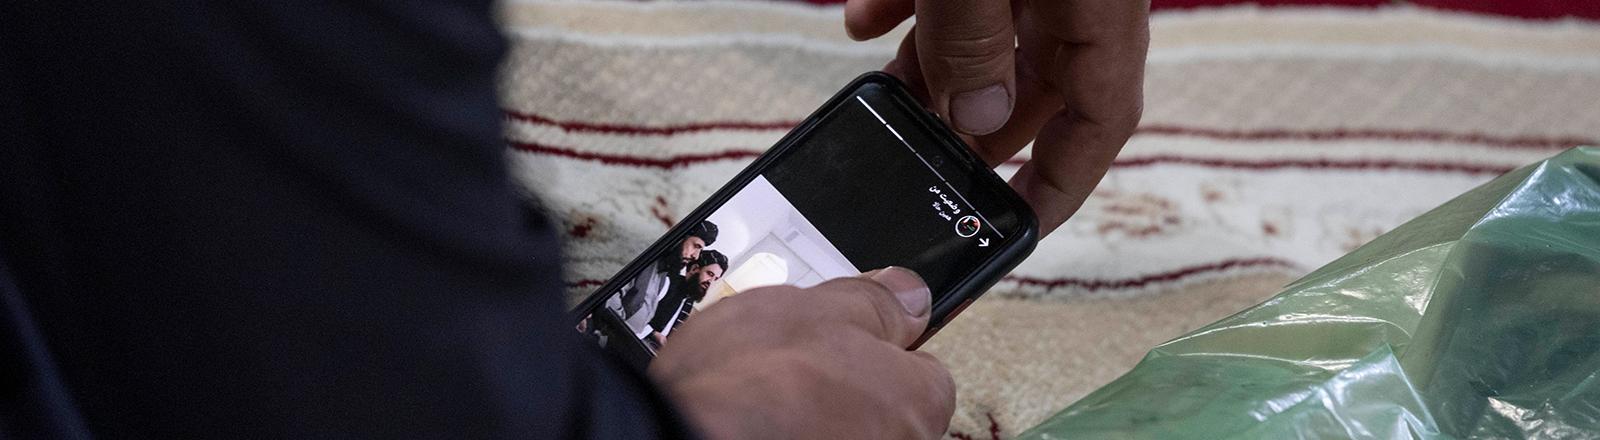 Ein Mann hält ein Smartphone in der Hand; es sind lediglich seine beiden Hände zu sehen. Auf dem Bildschirm des Handys sind Angehörige der Taliban zu sehen (21.08.2021)